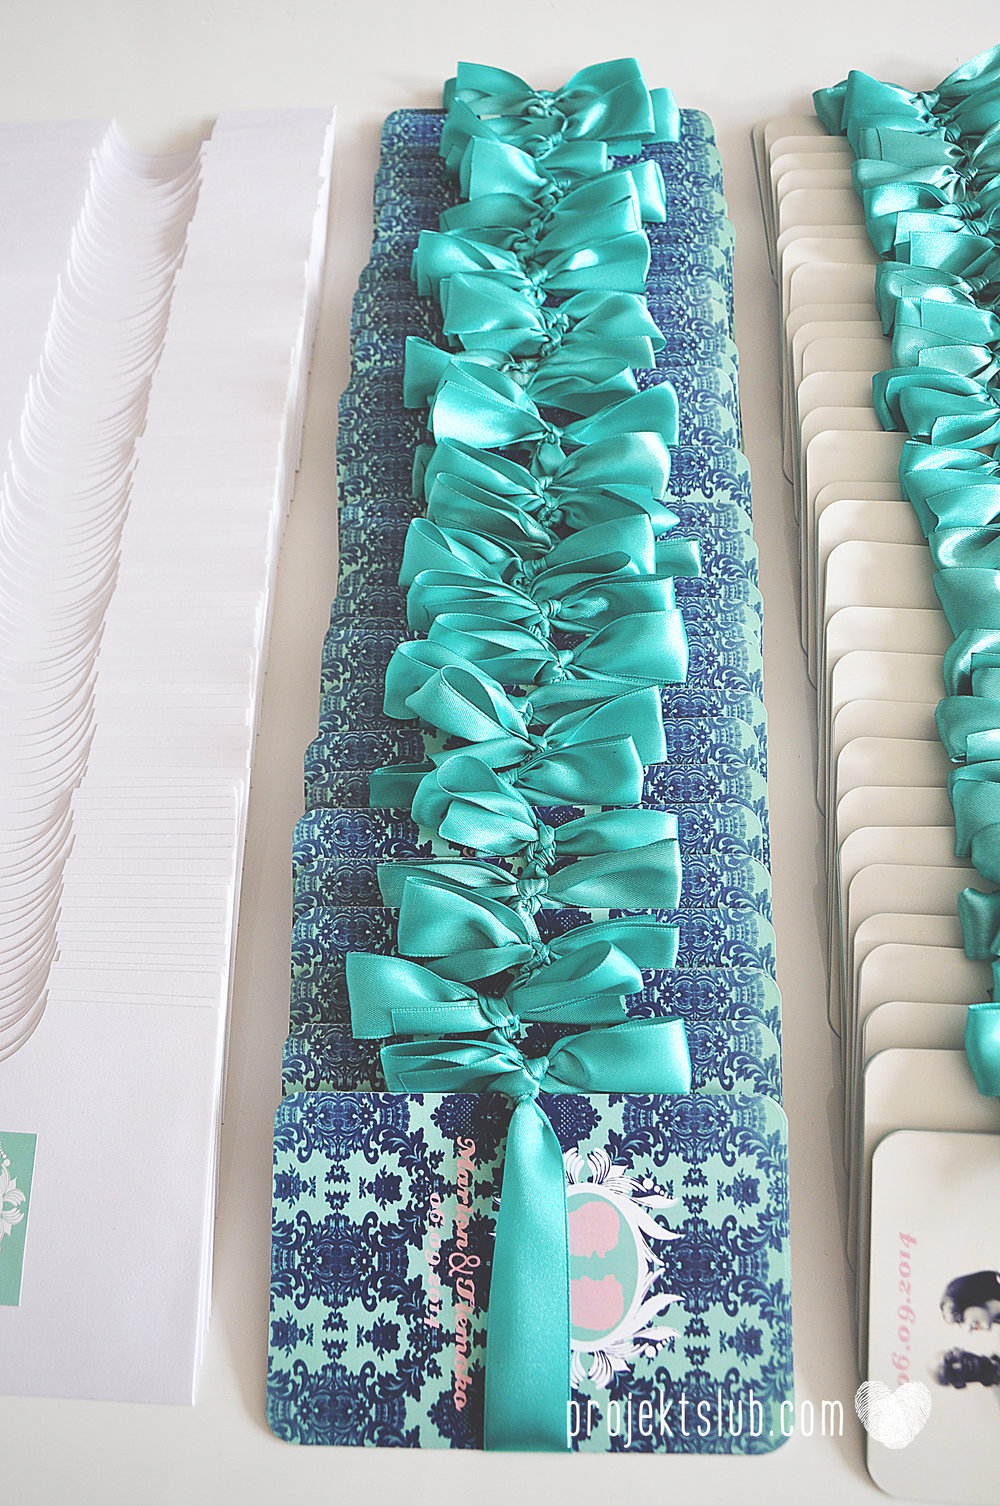 zaproszenia ślubne i dodatki weselne turkus mięta granat kamea piękne zaproszenia oryginalne nietypowe karty  elegancka oryginalna papeteria projekt ślub (3).jpg